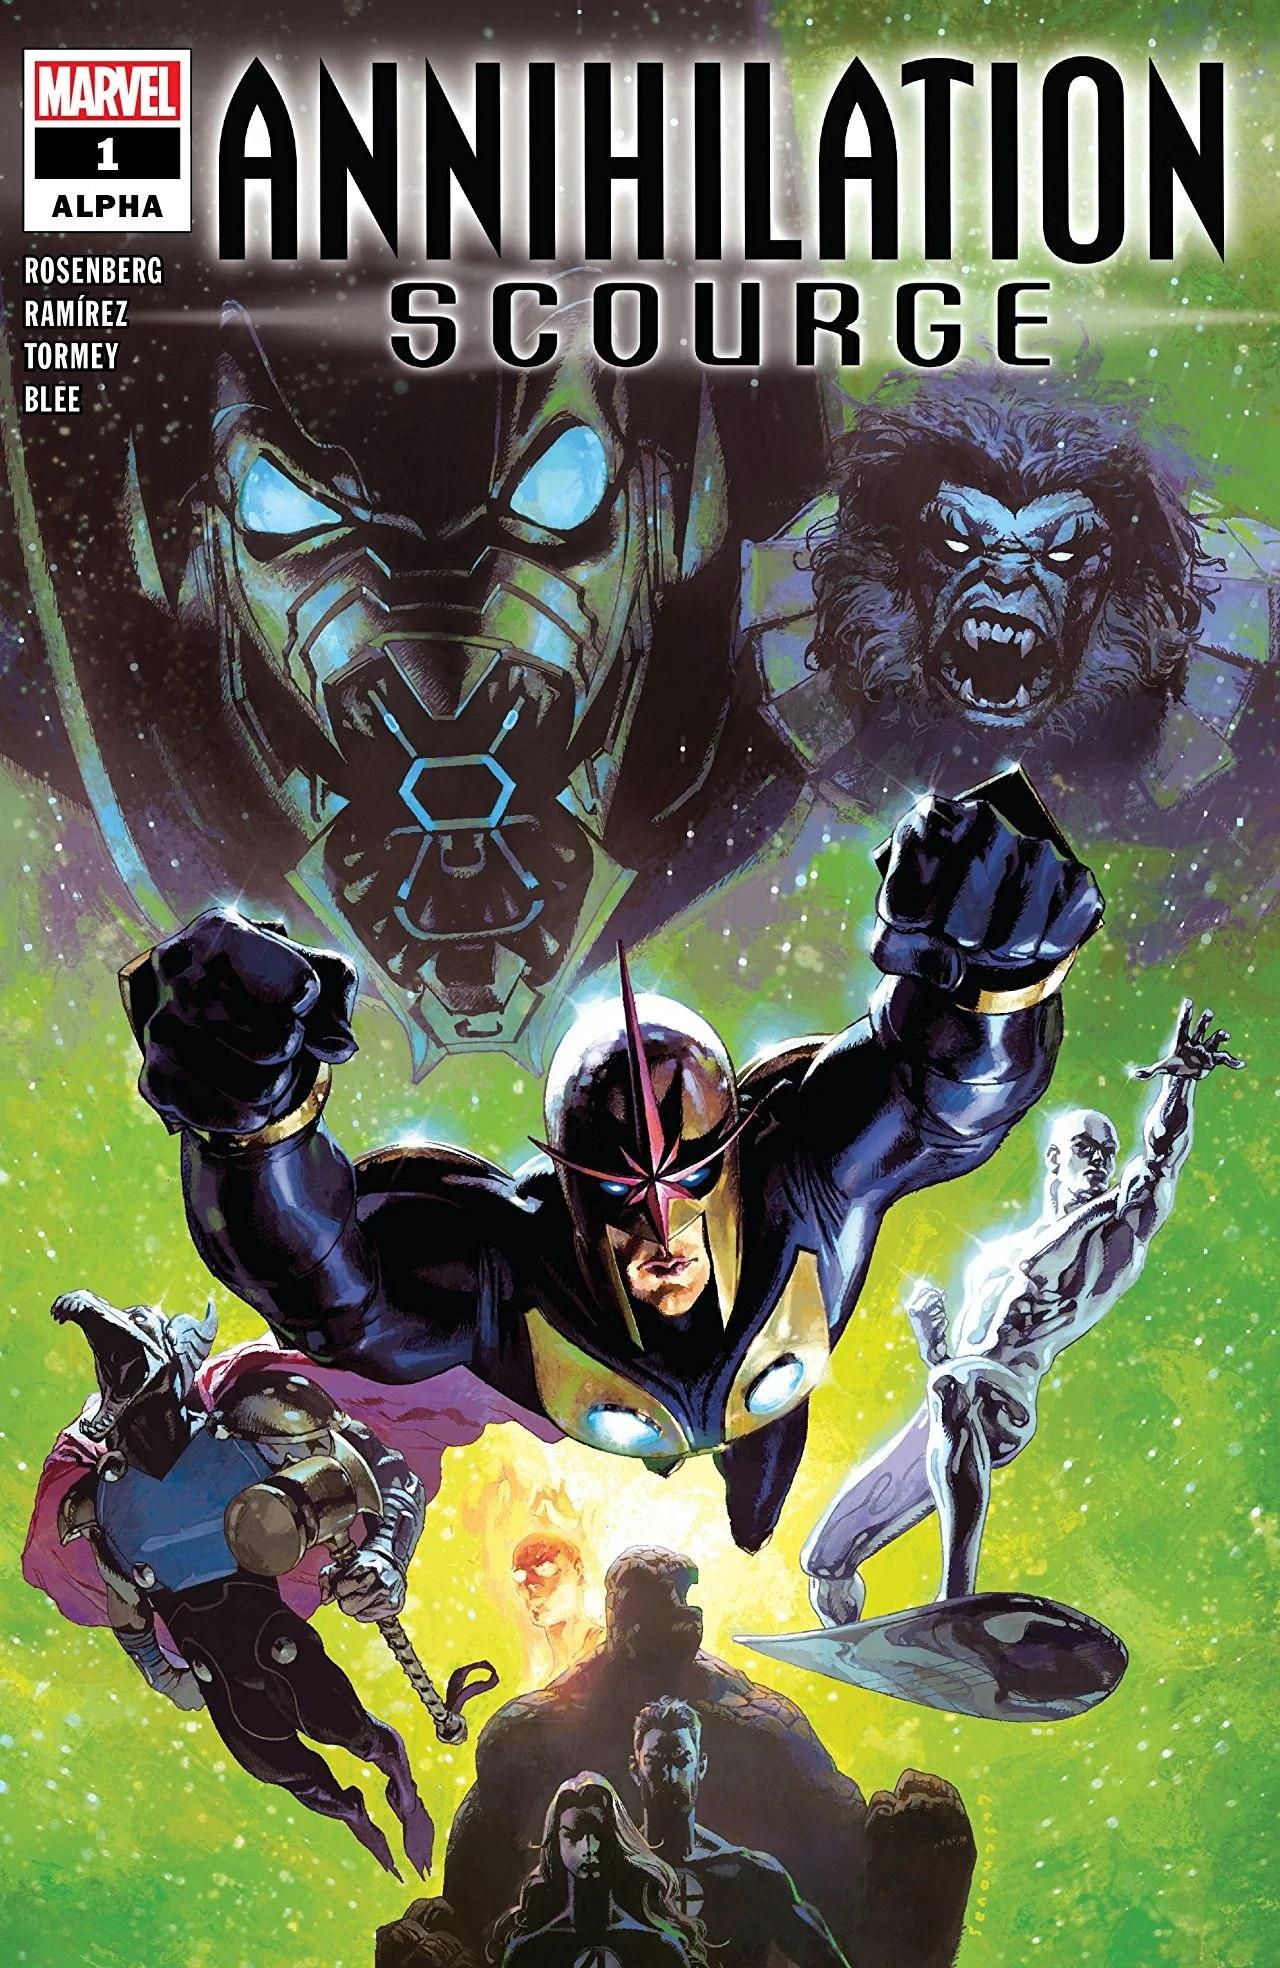 Annihilation - Scourge Alpha Vol 1 #1 Аннигиляция — Чума: Альфа Том 1 #1 читать скачать комиксы онлайн